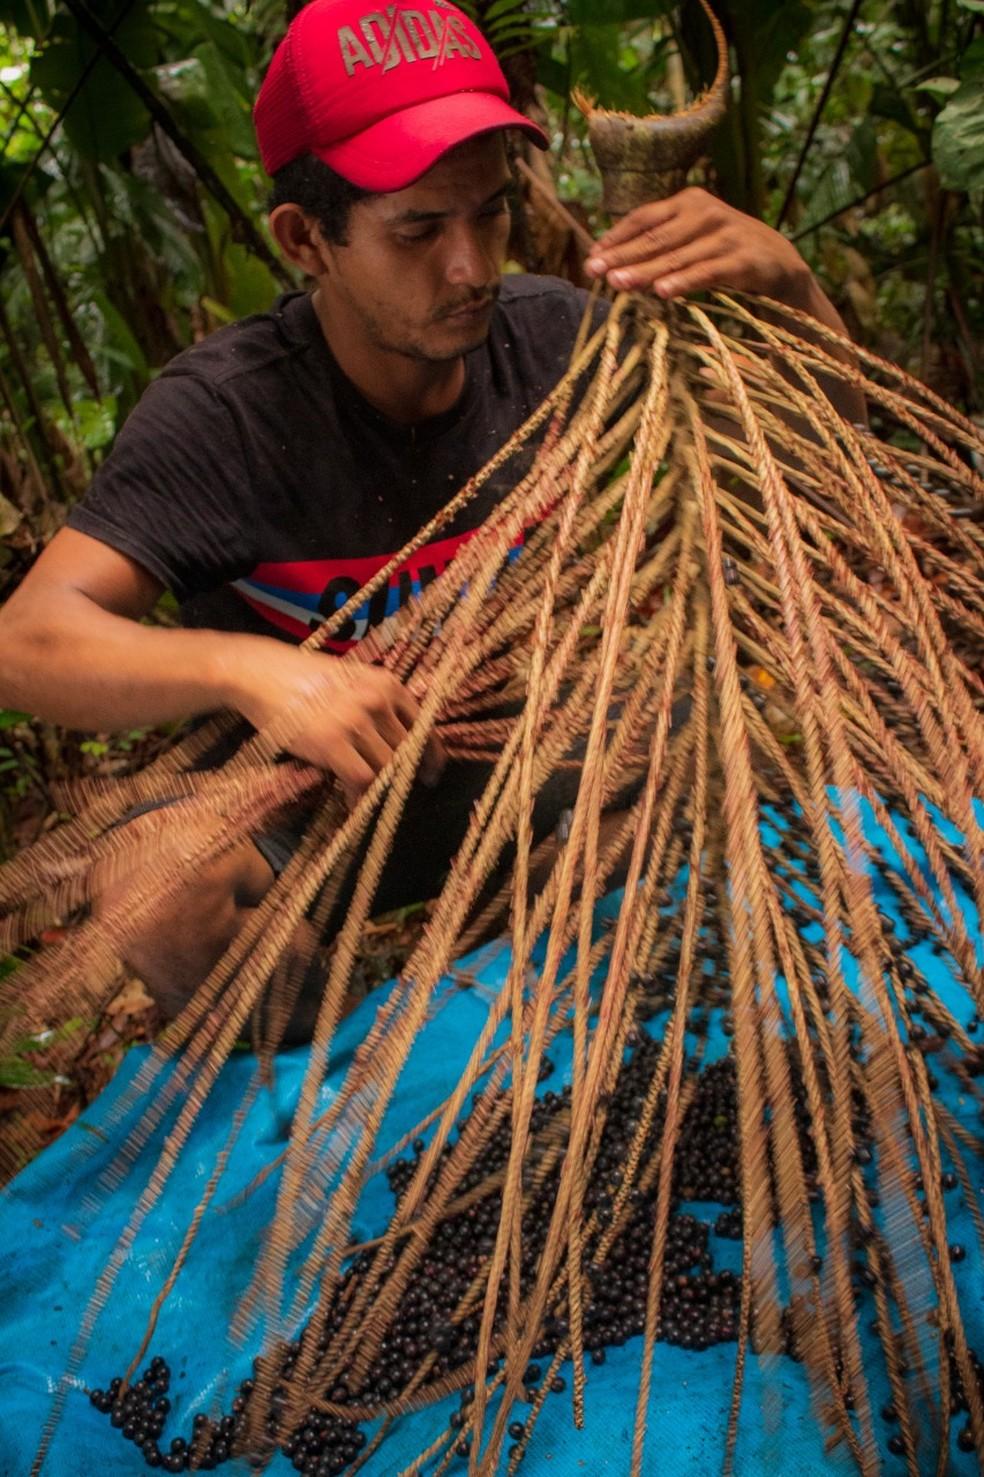 Documentário 'Açaí, Pérola Negra' foi gravado em Guajará-mirim, Rondônia — Foto: Joilson Arruda / arquivo pessoal